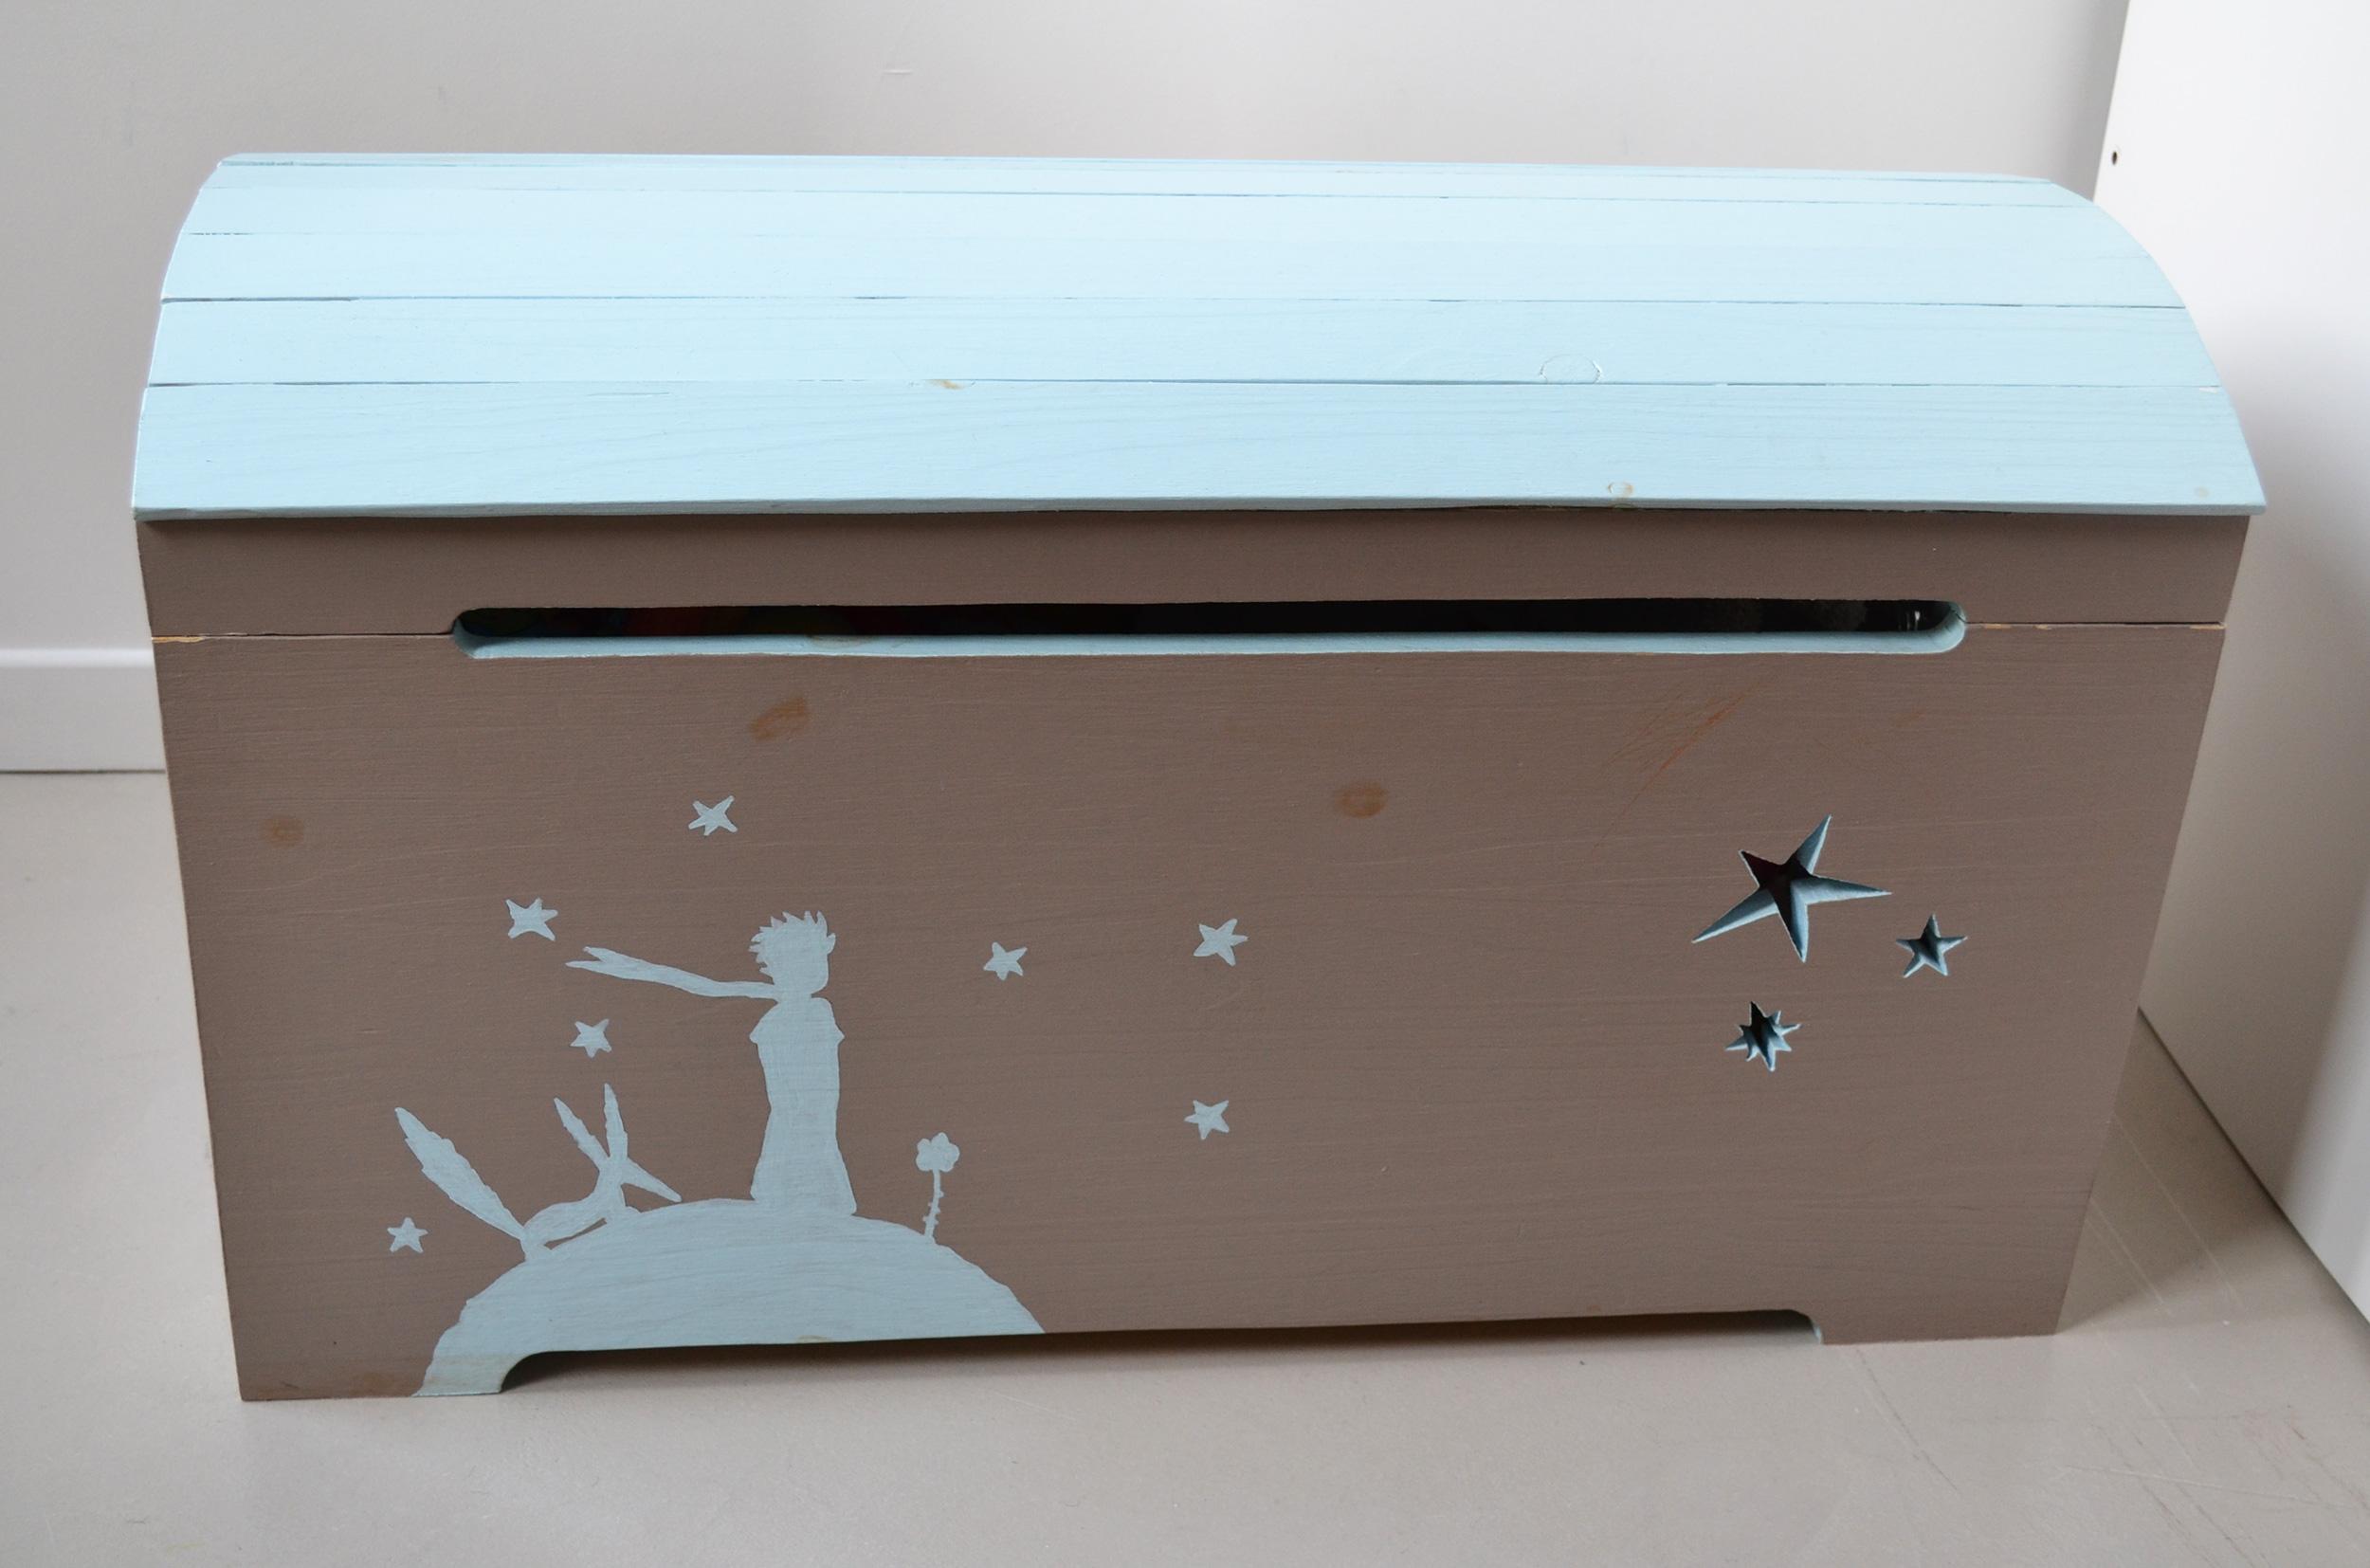 Coffre jouets cr ation de meubles en bois sur mesure - Creation de meuble sur mesure ...